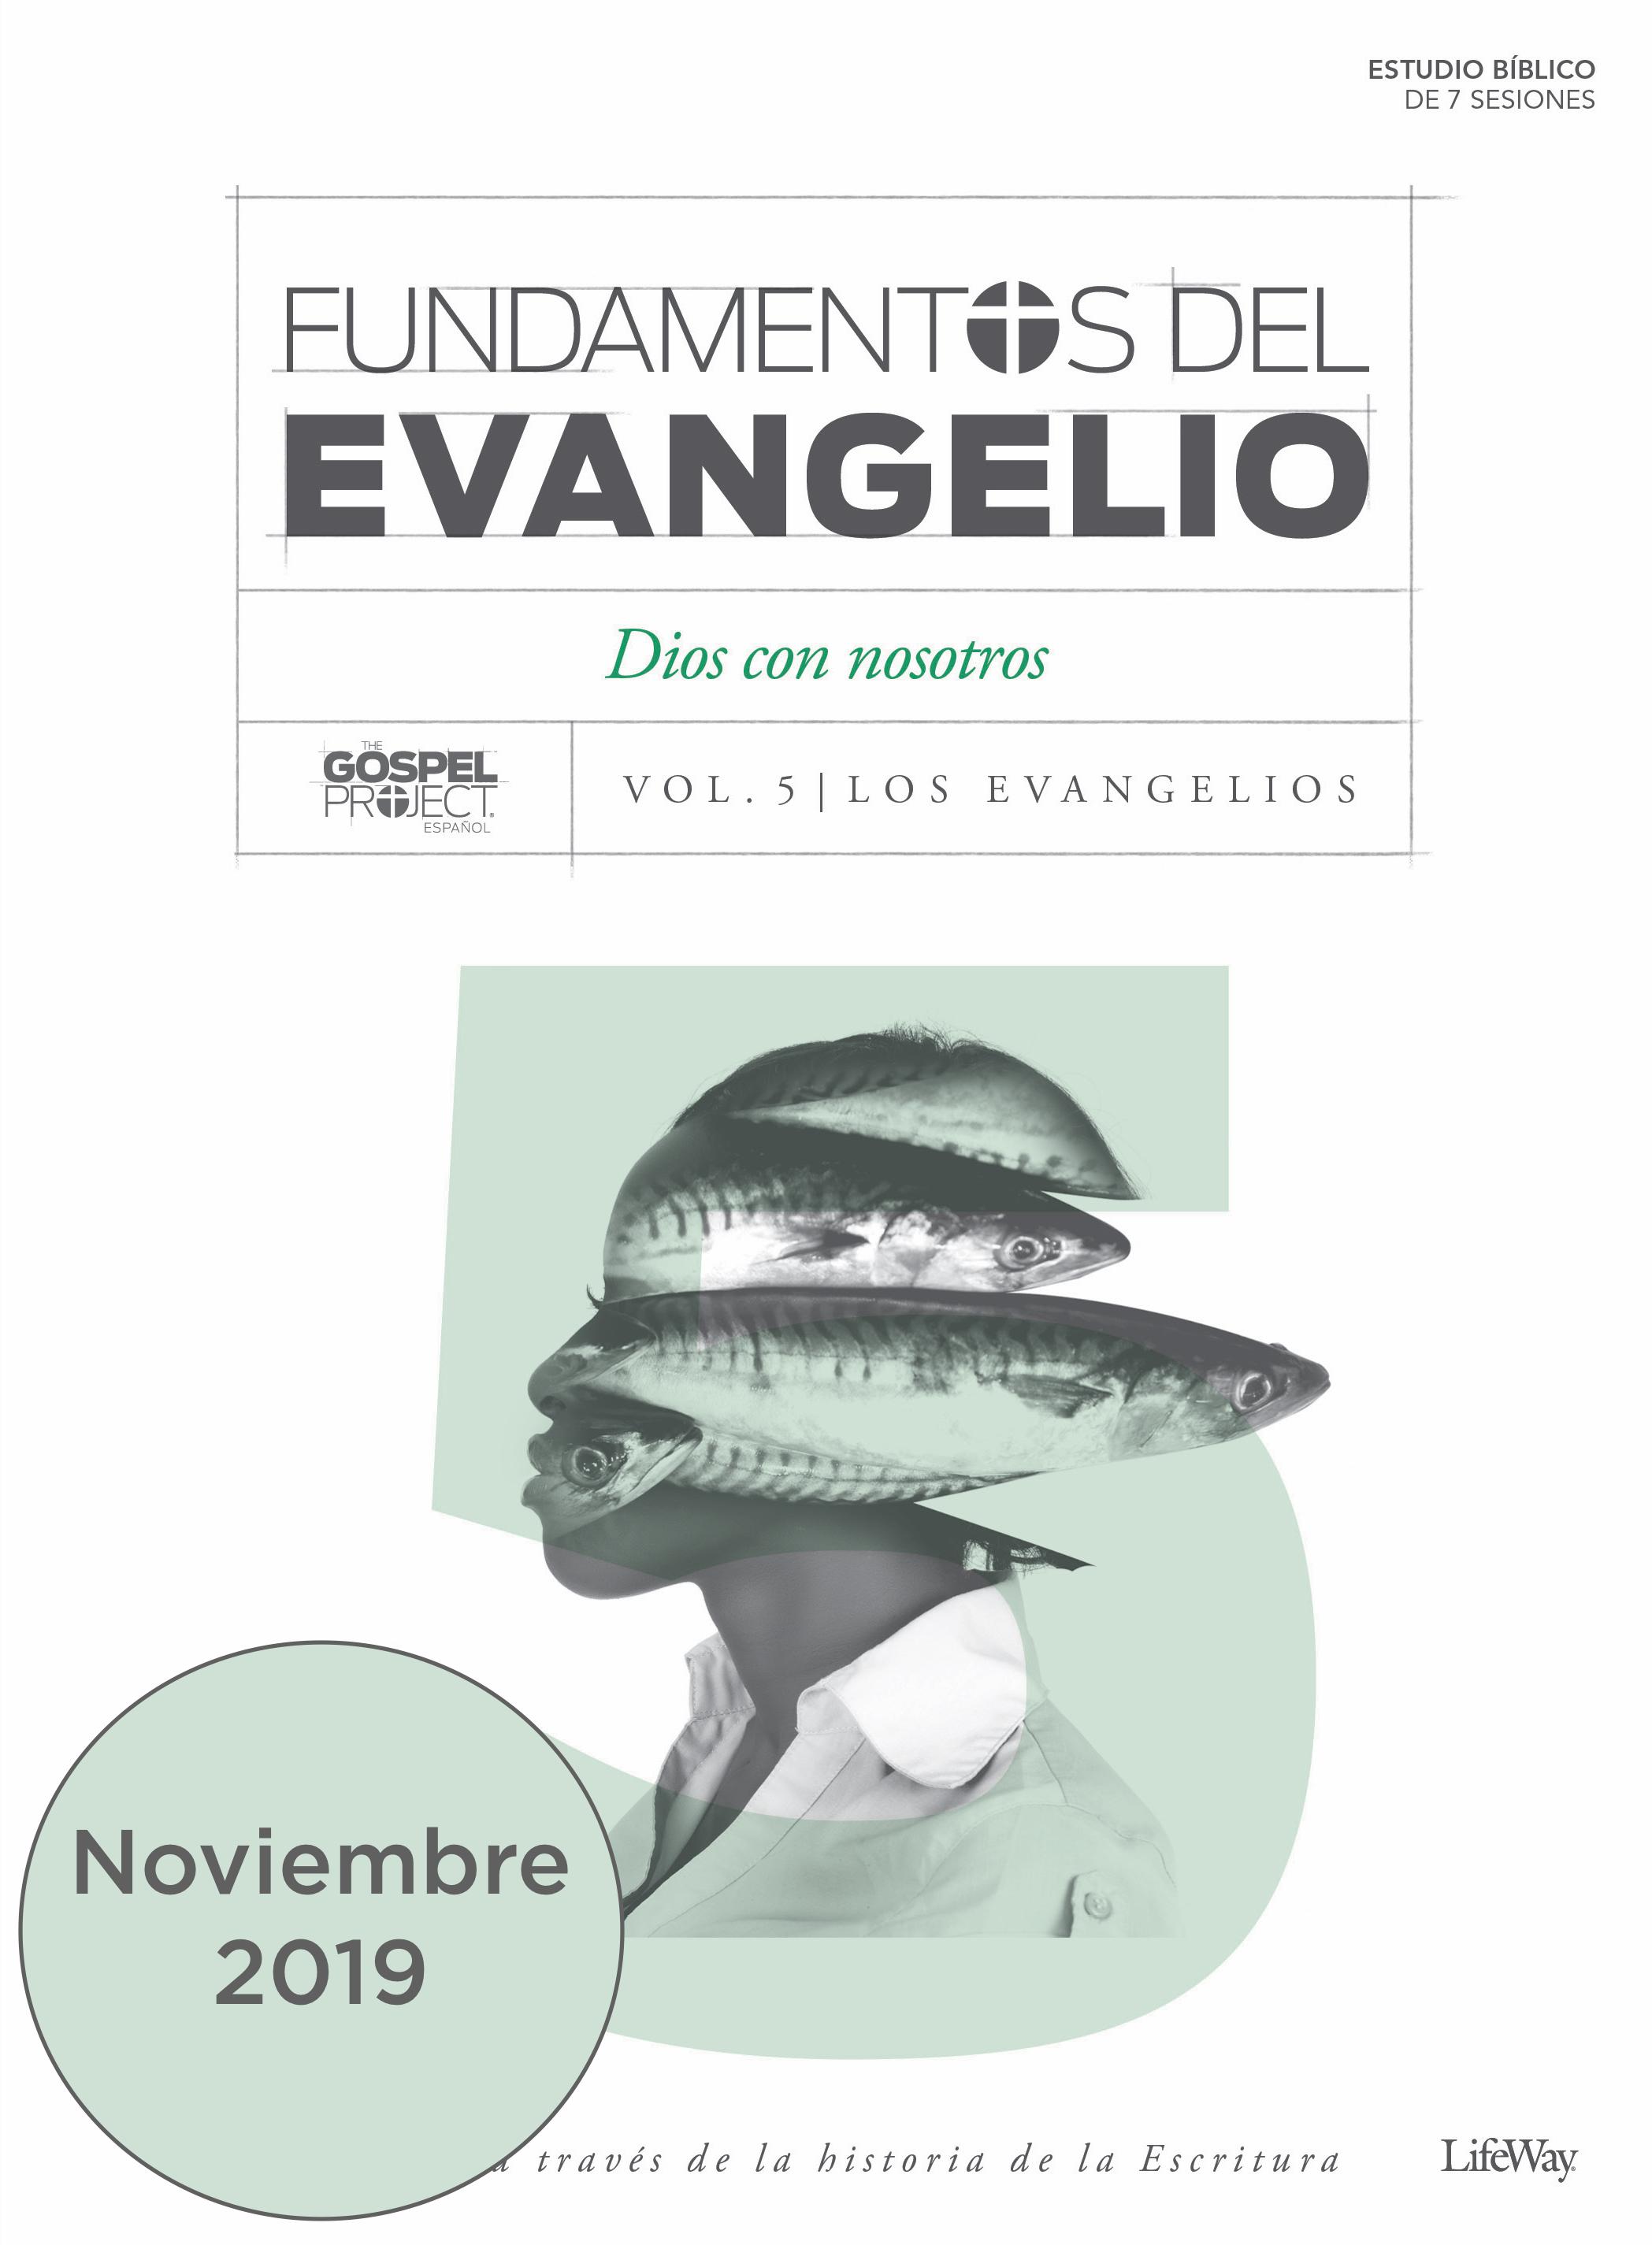 Volume 5: Fundamentos del Evangelio, Volumen 5 - Dios con nosotros | Noviembre 2019